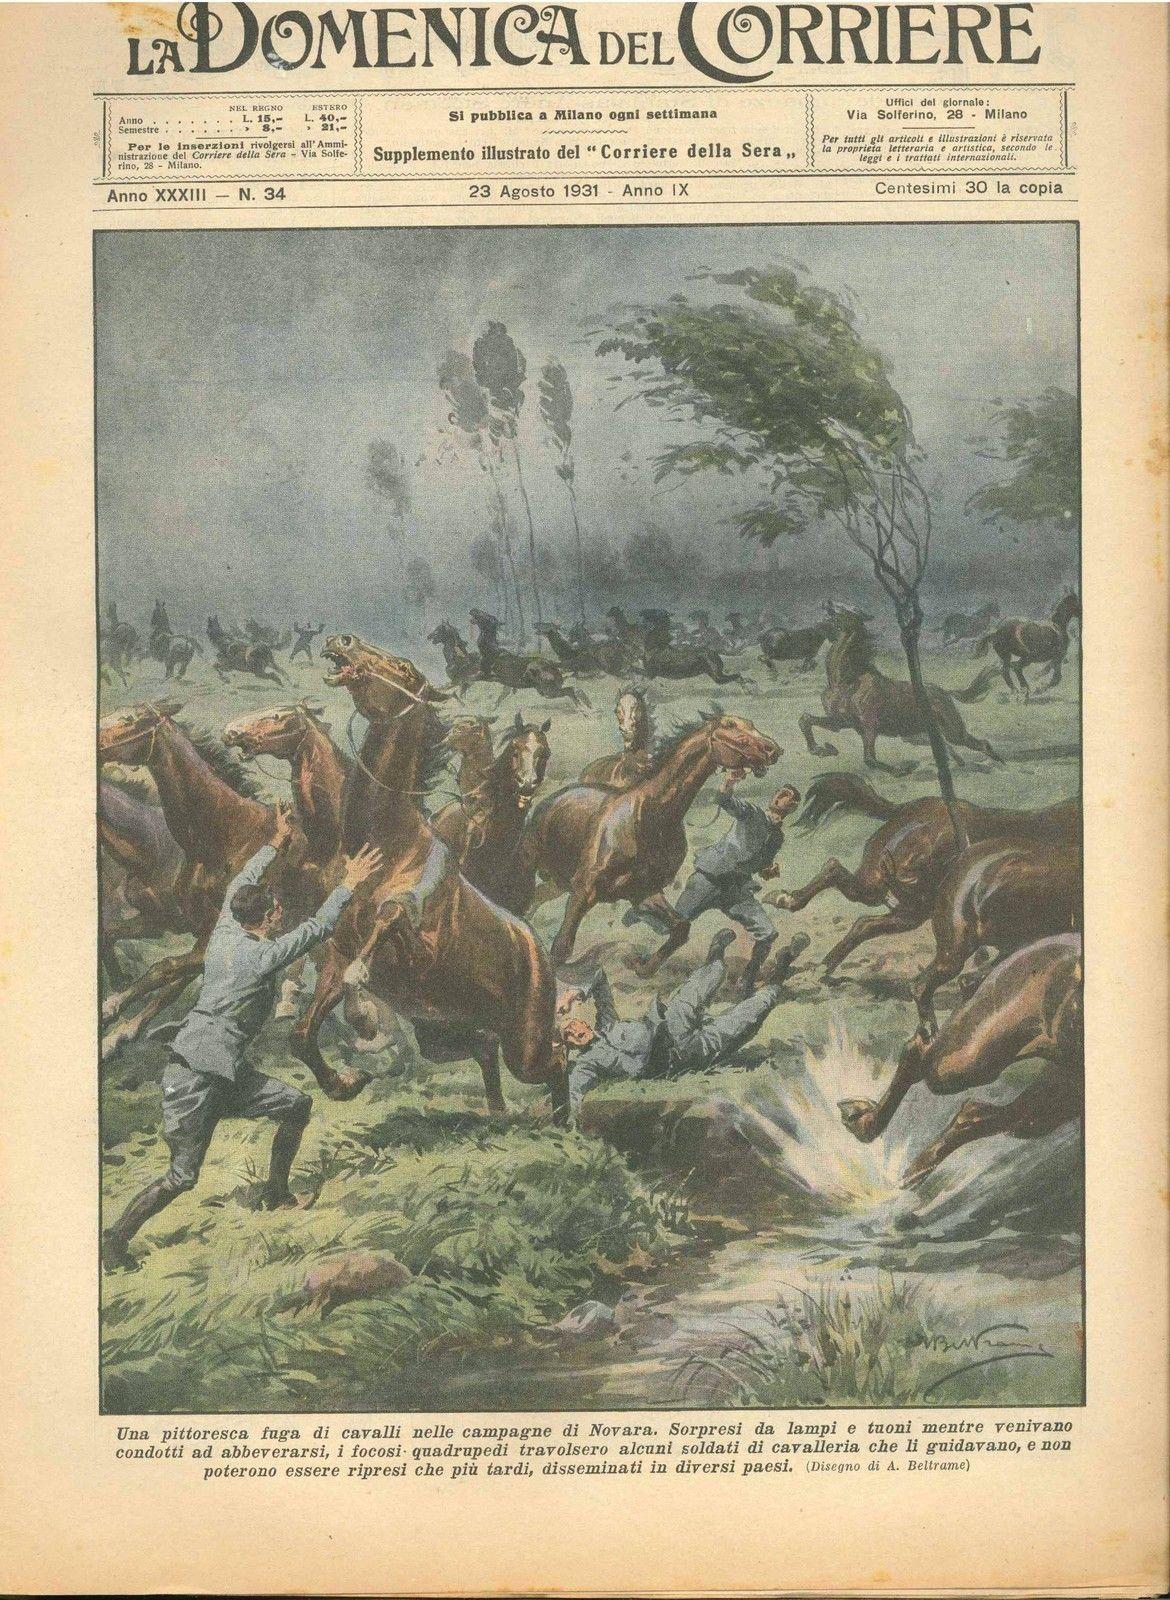 DOMENICA DEL CORRIERE N°  34 - 23 AGOSTO 1931 - ILL.  A. BELTRAME